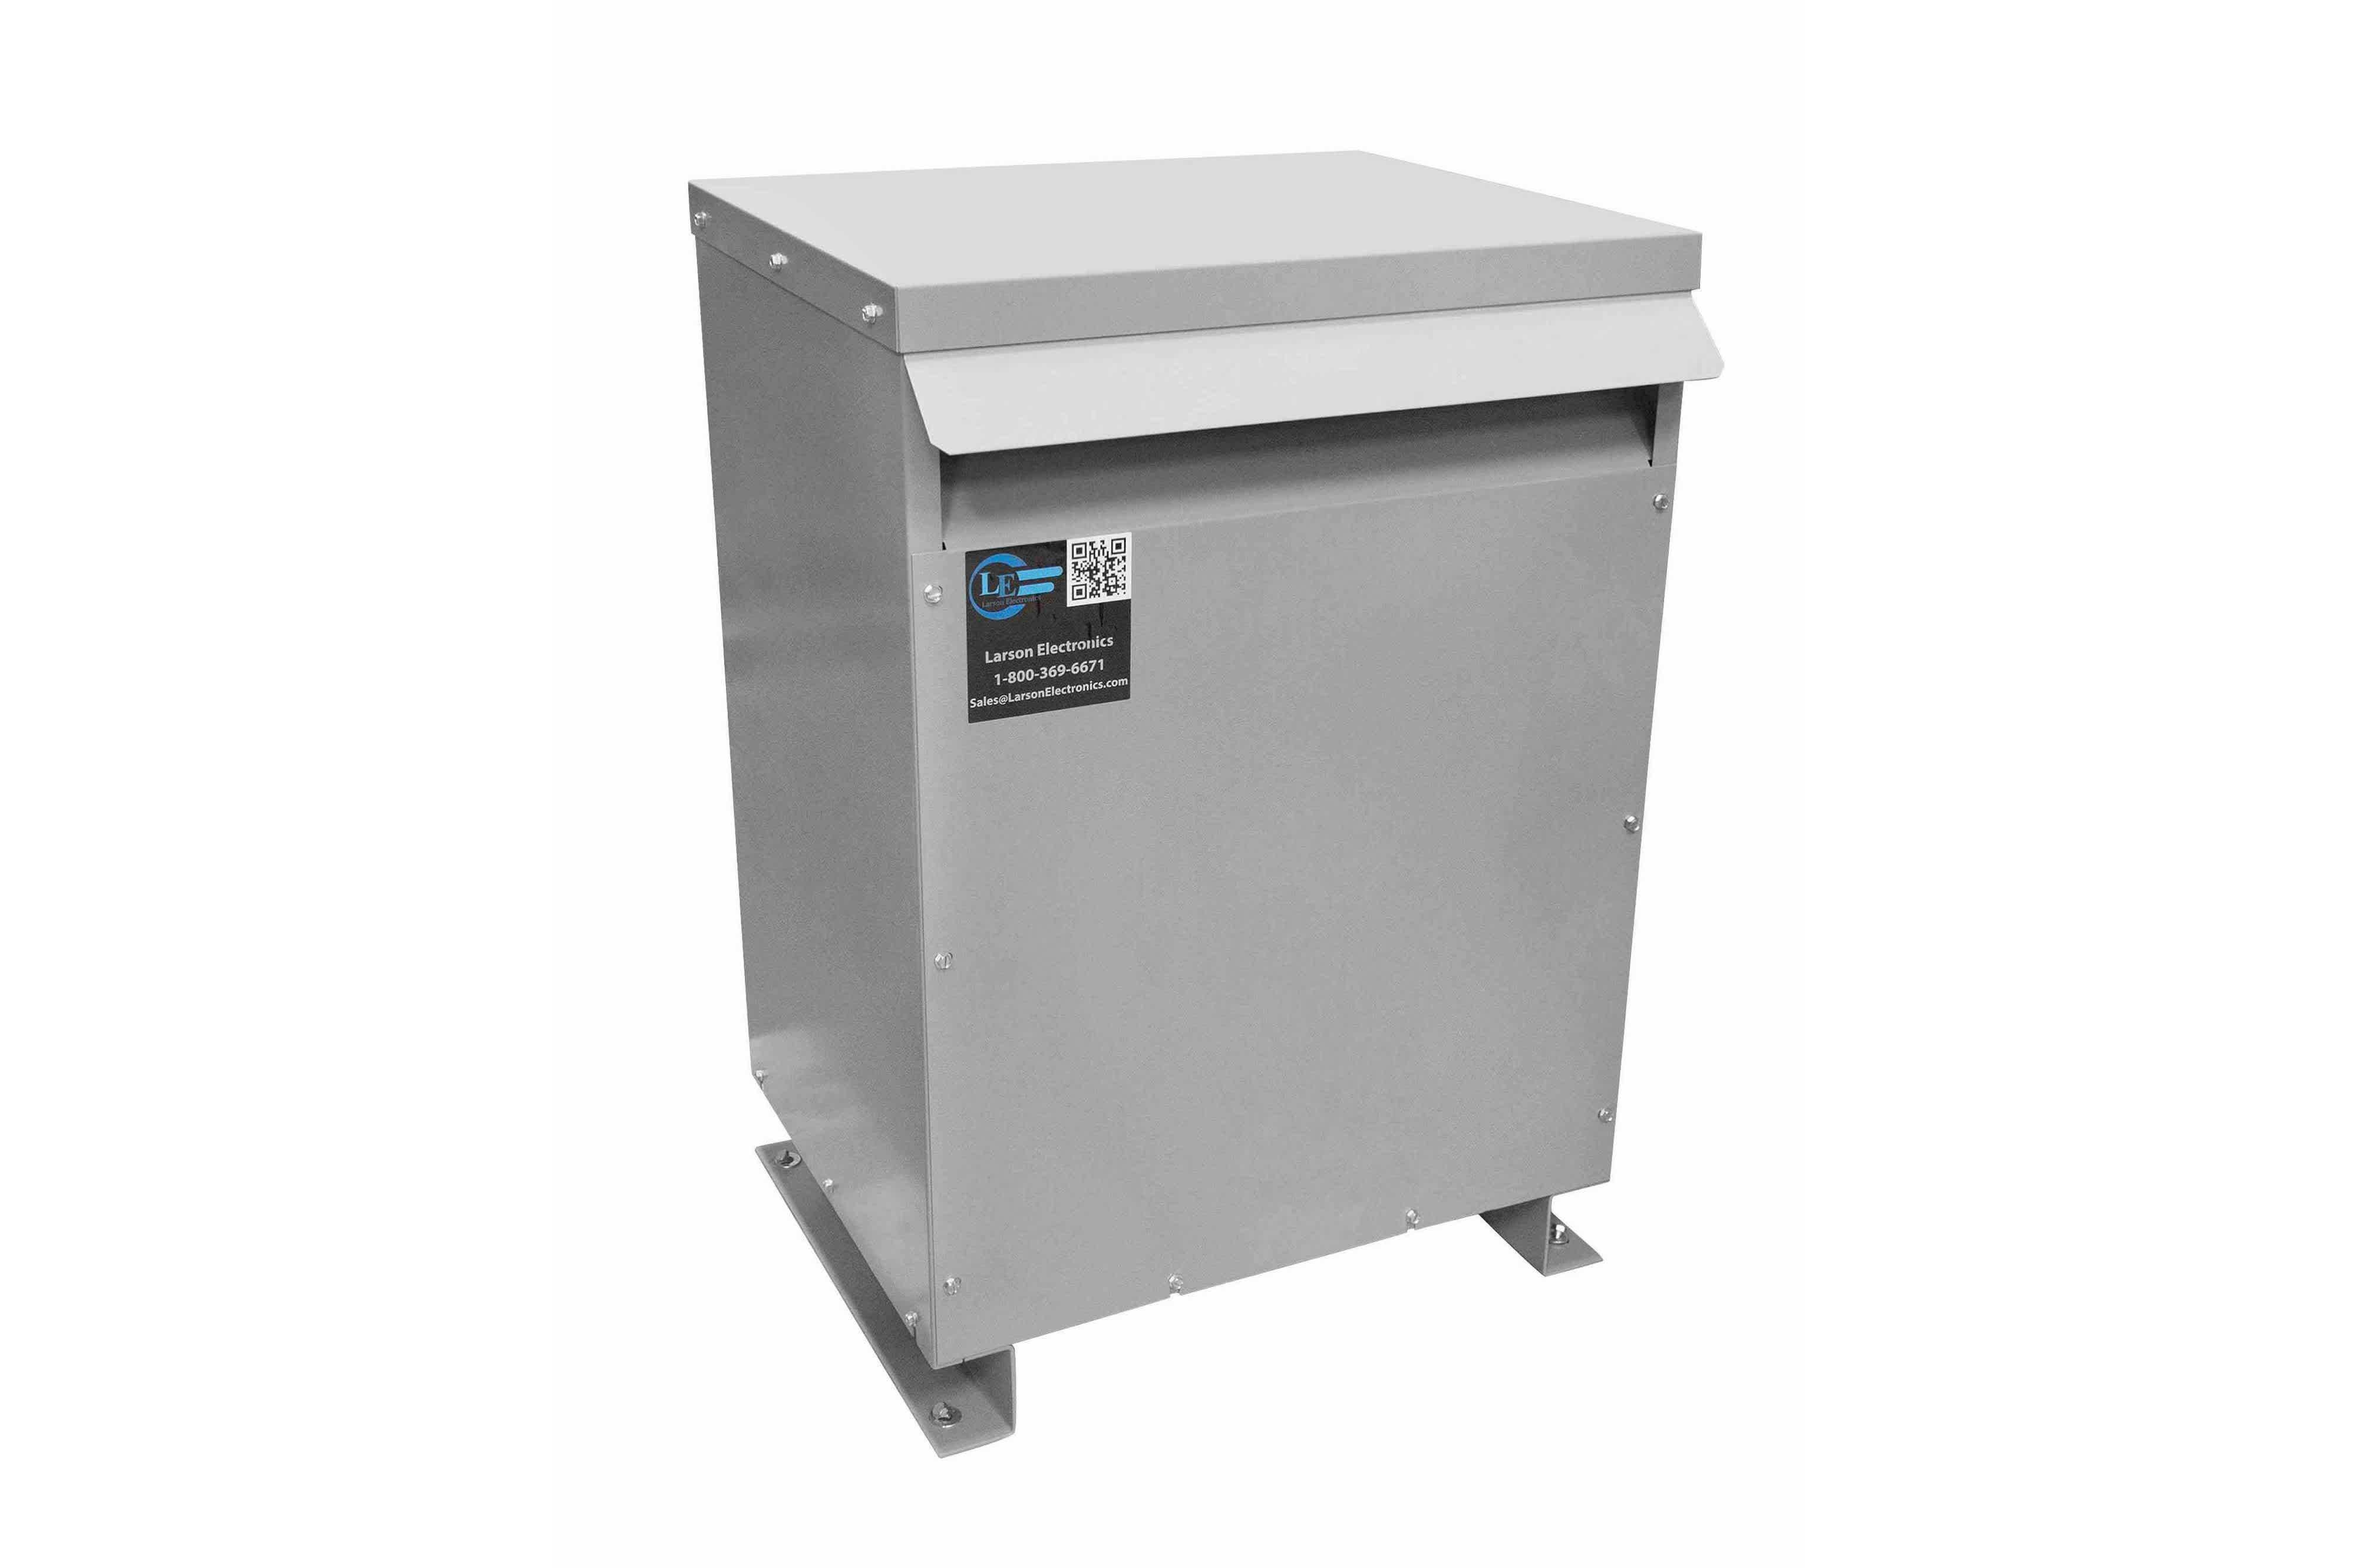 275 kVA 3PH Isolation Transformer, 415V Delta Primary, 600V Delta Secondary, N3R, Ventilated, 60 Hz